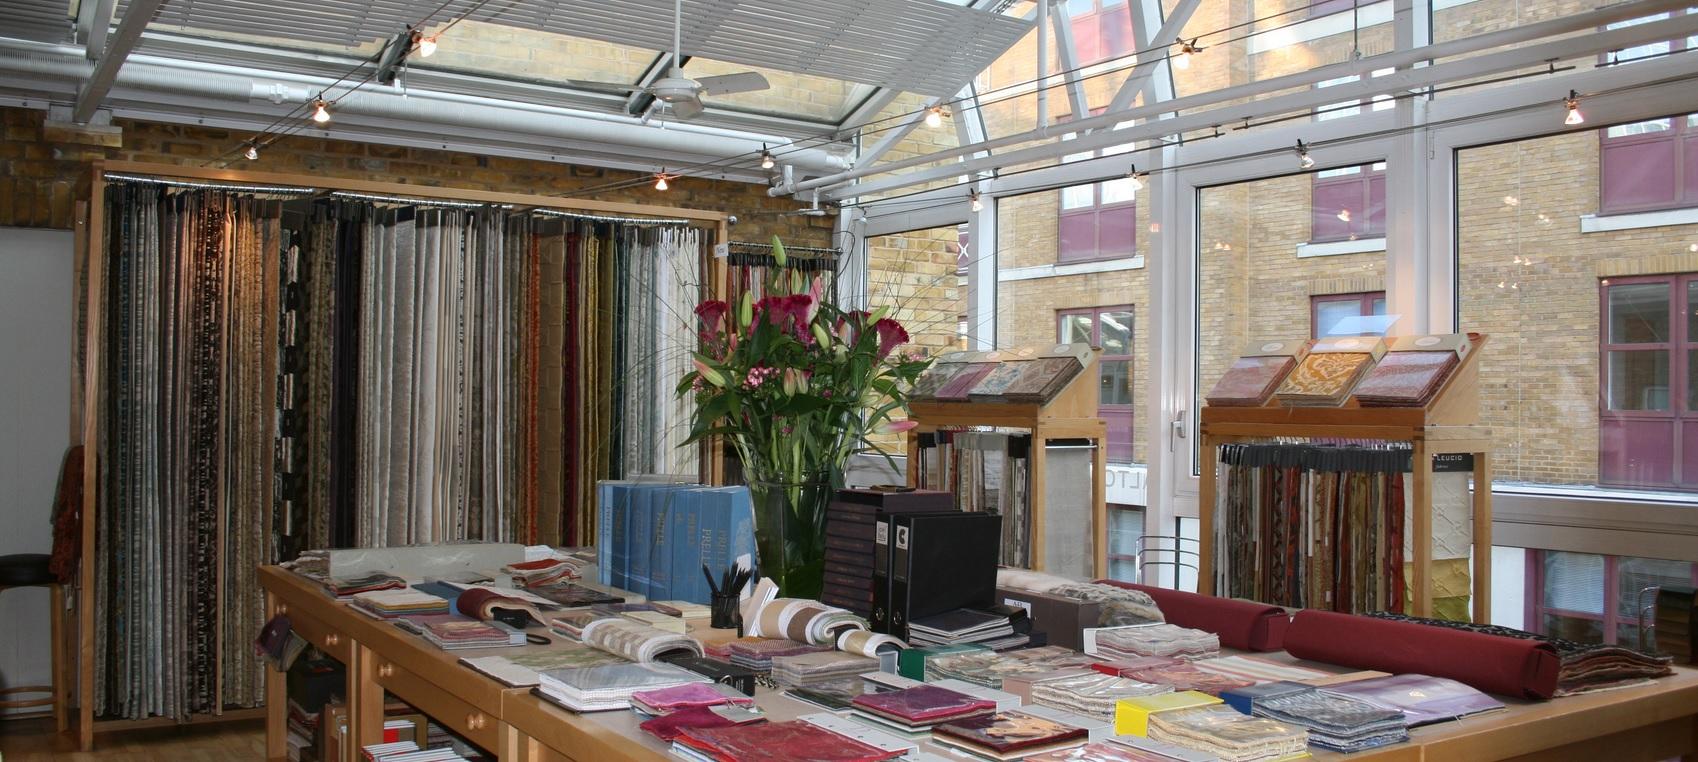 Alton brooke fabrics alexander interiors designer fabric for Wallpaper home goods